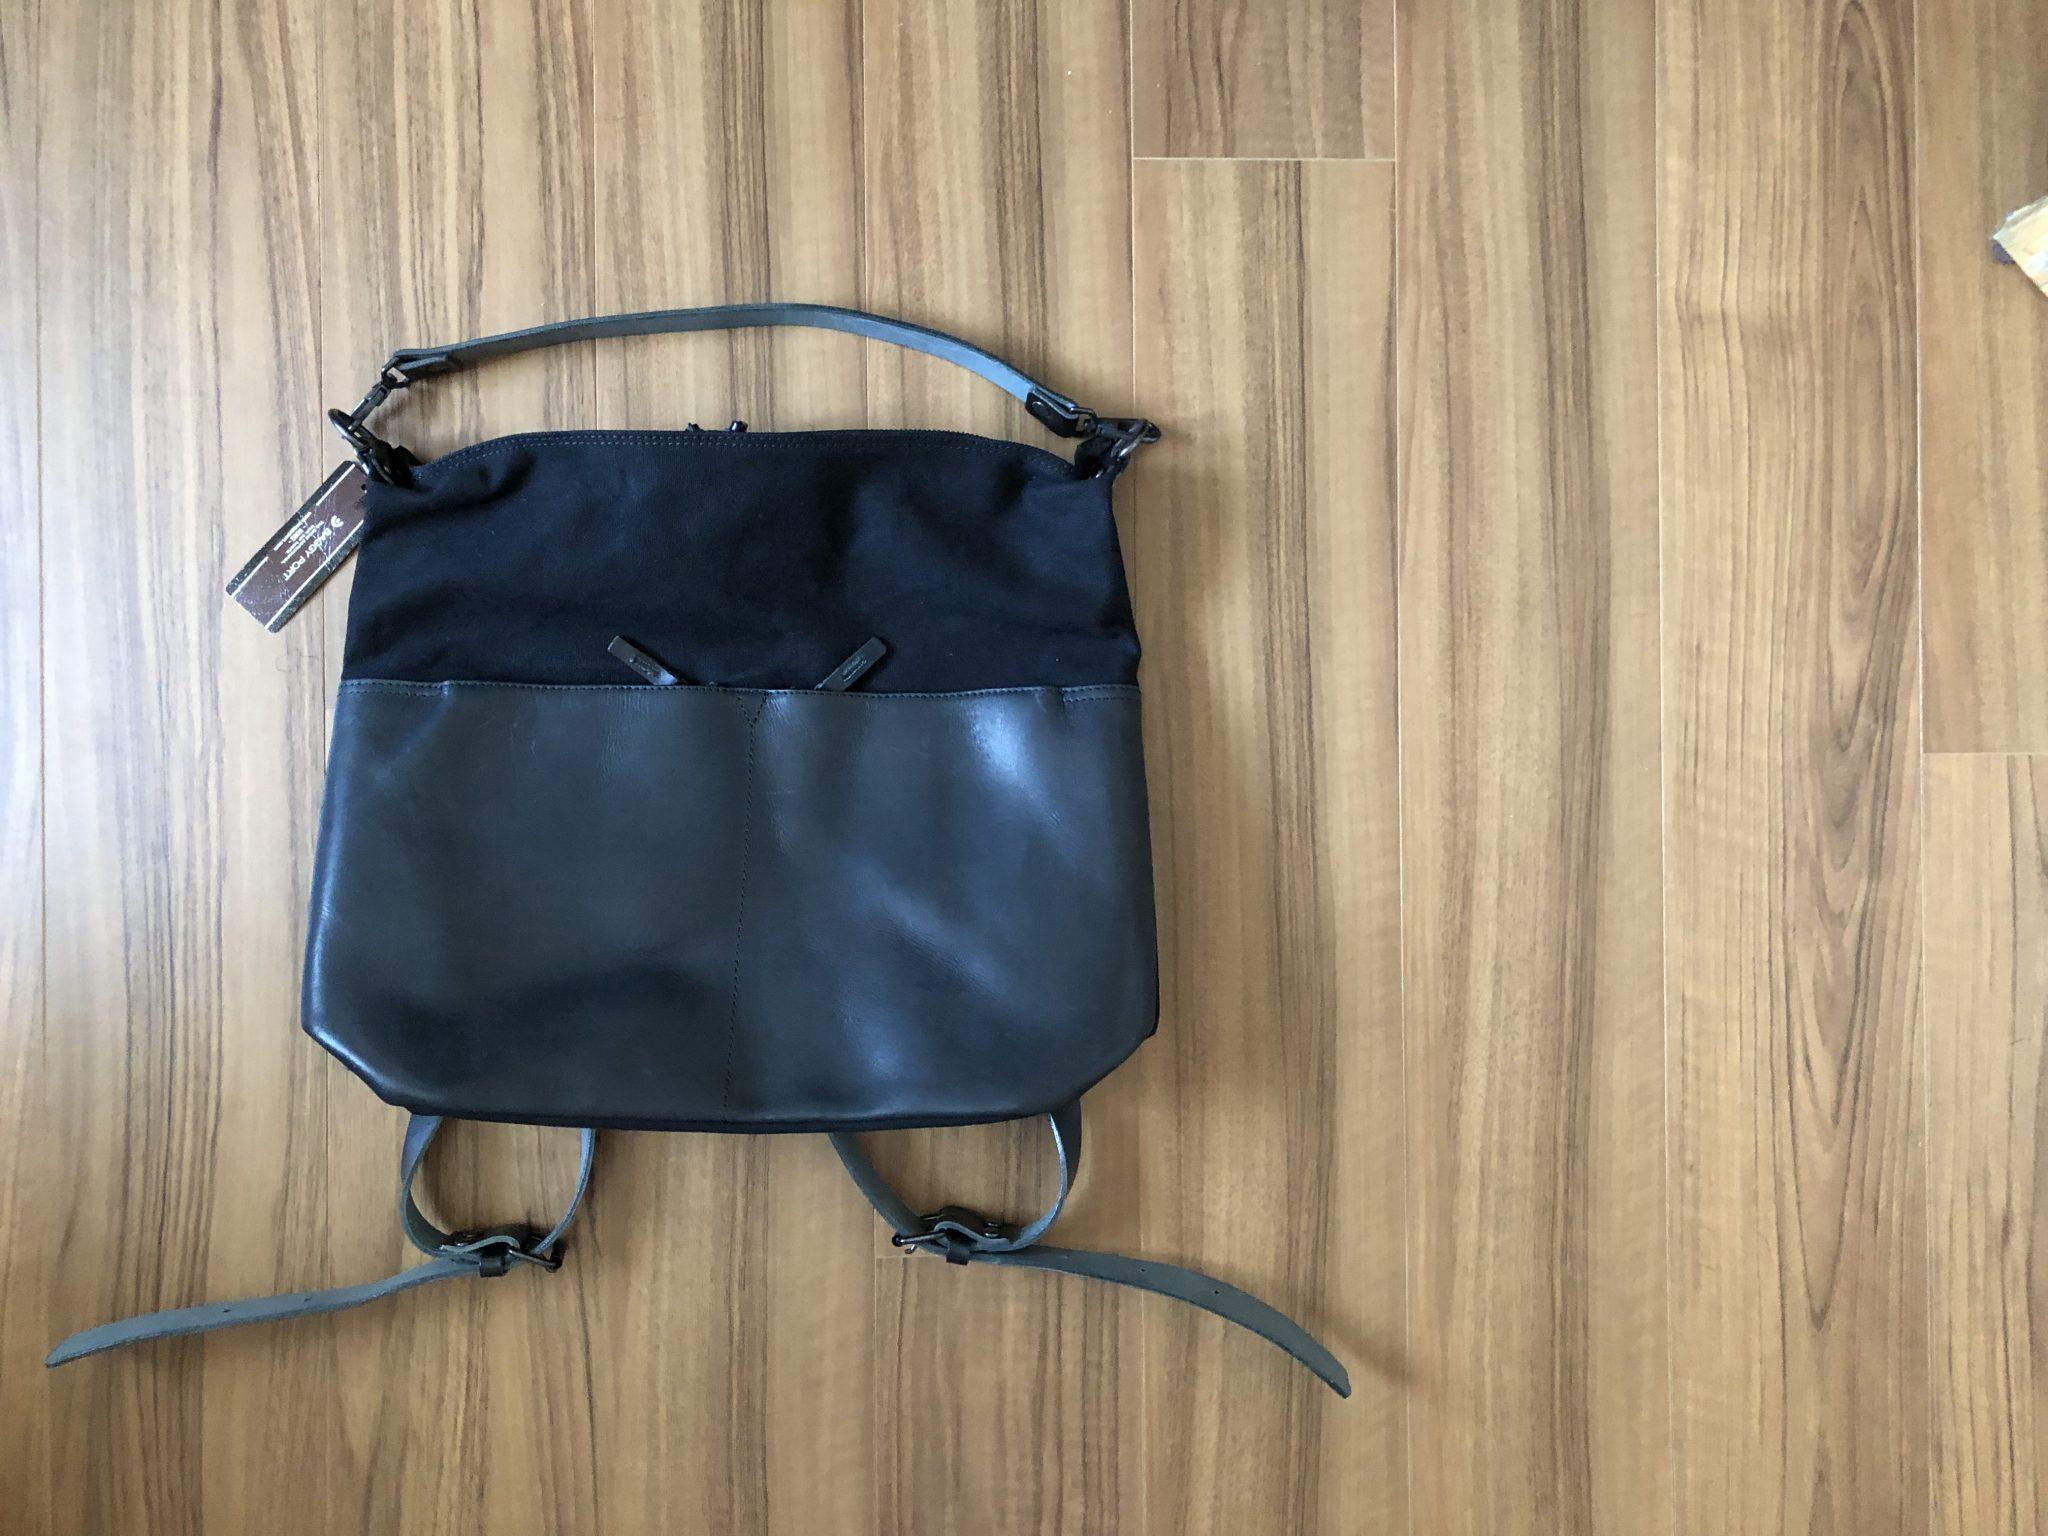 バギーポート(Baggy Port)帆布×オイルレザー 2wayリュック|素材と大きさと背負いやすさに拘った新しいバッグを購入